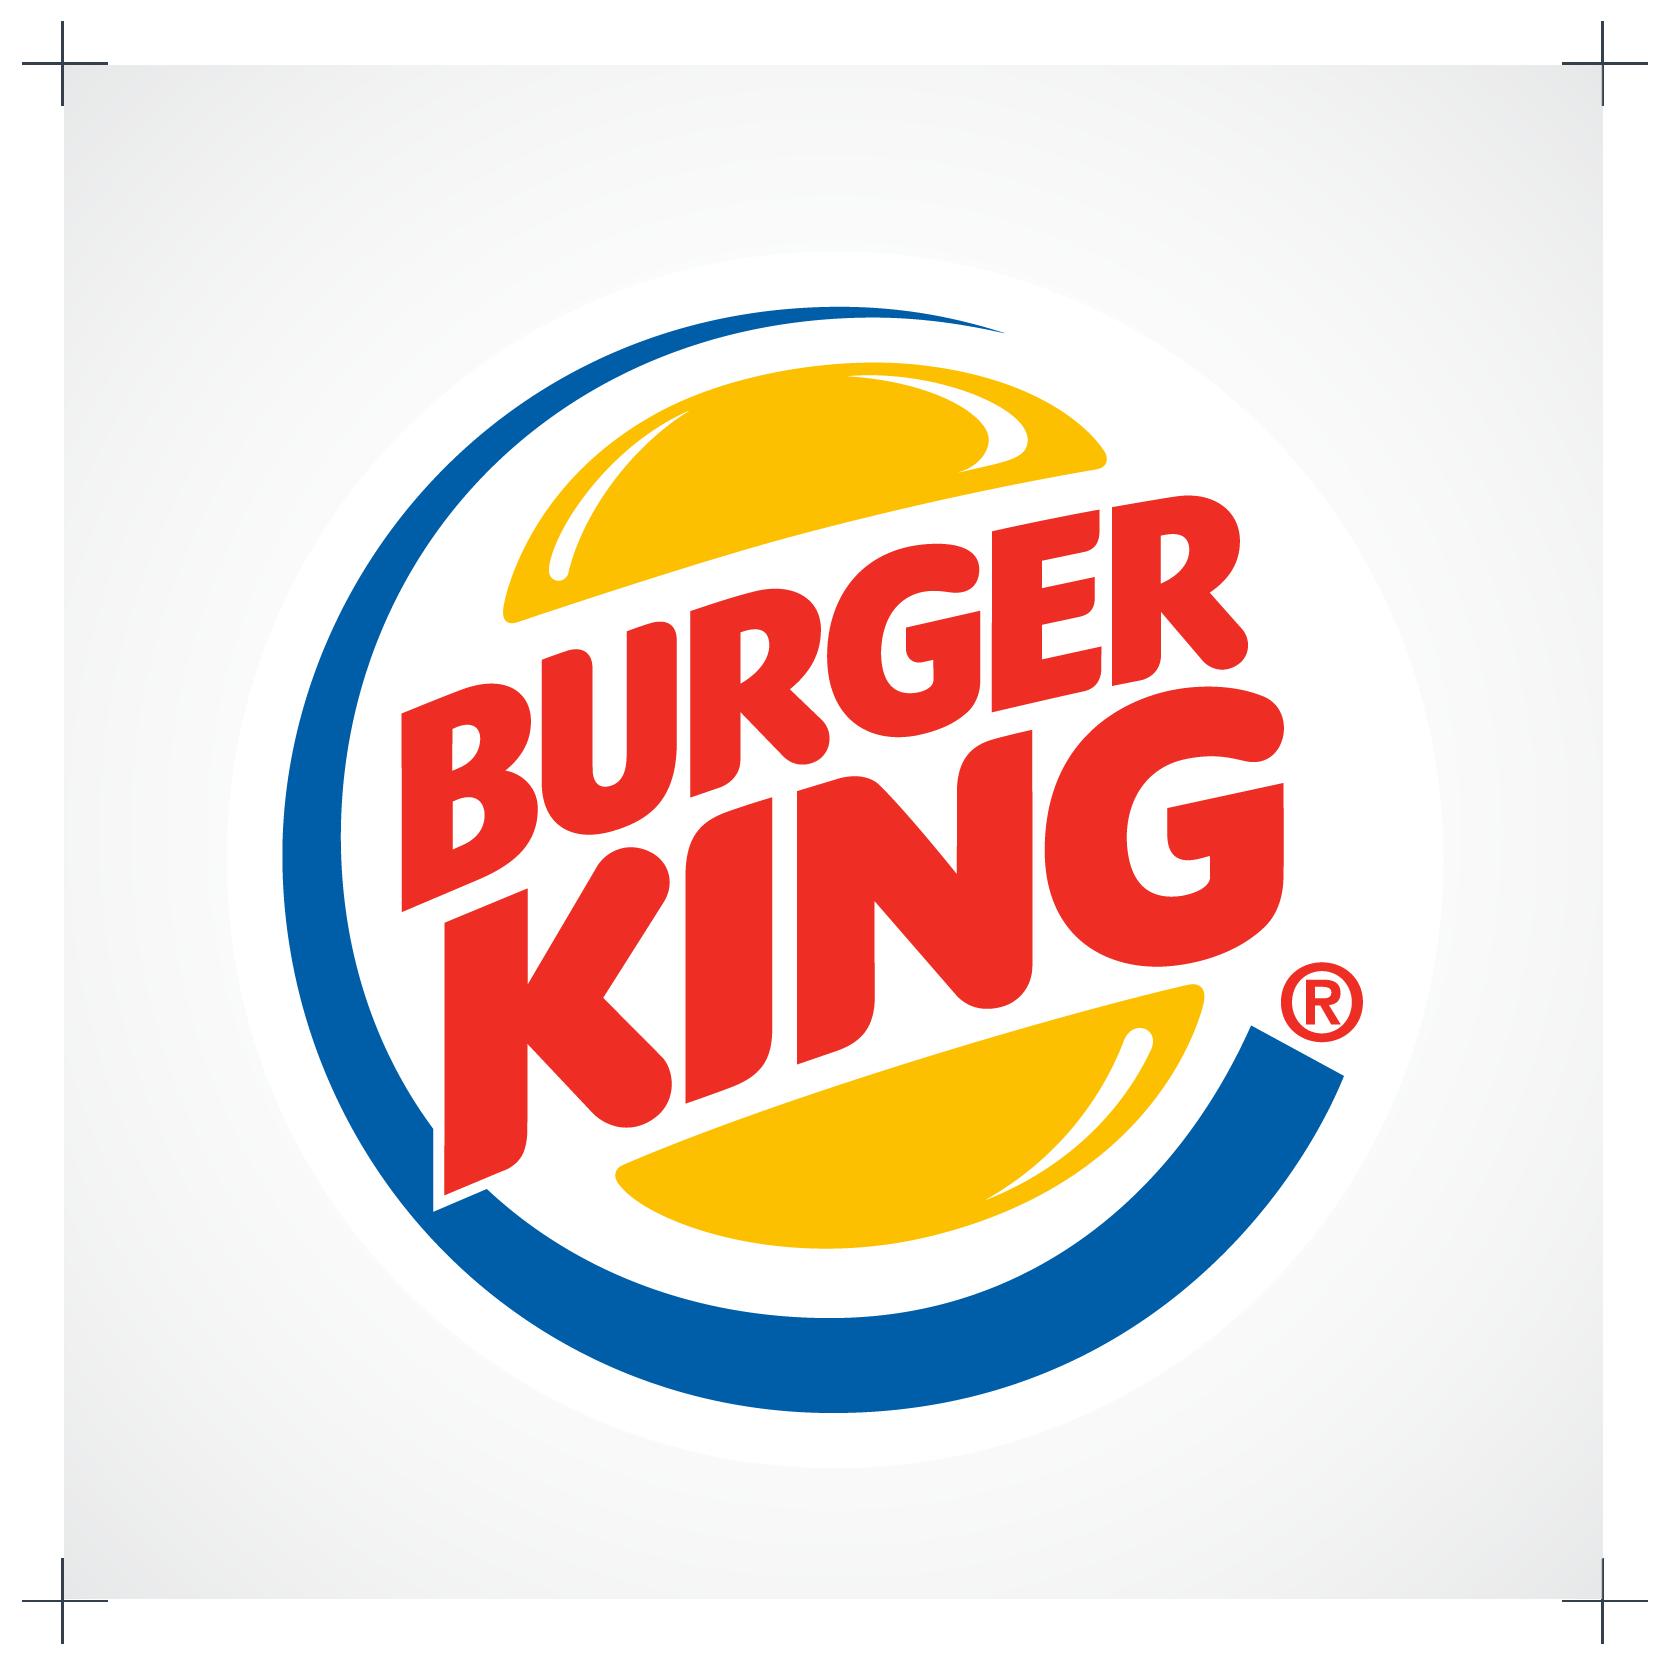 Brand_Logos_V2-12.png